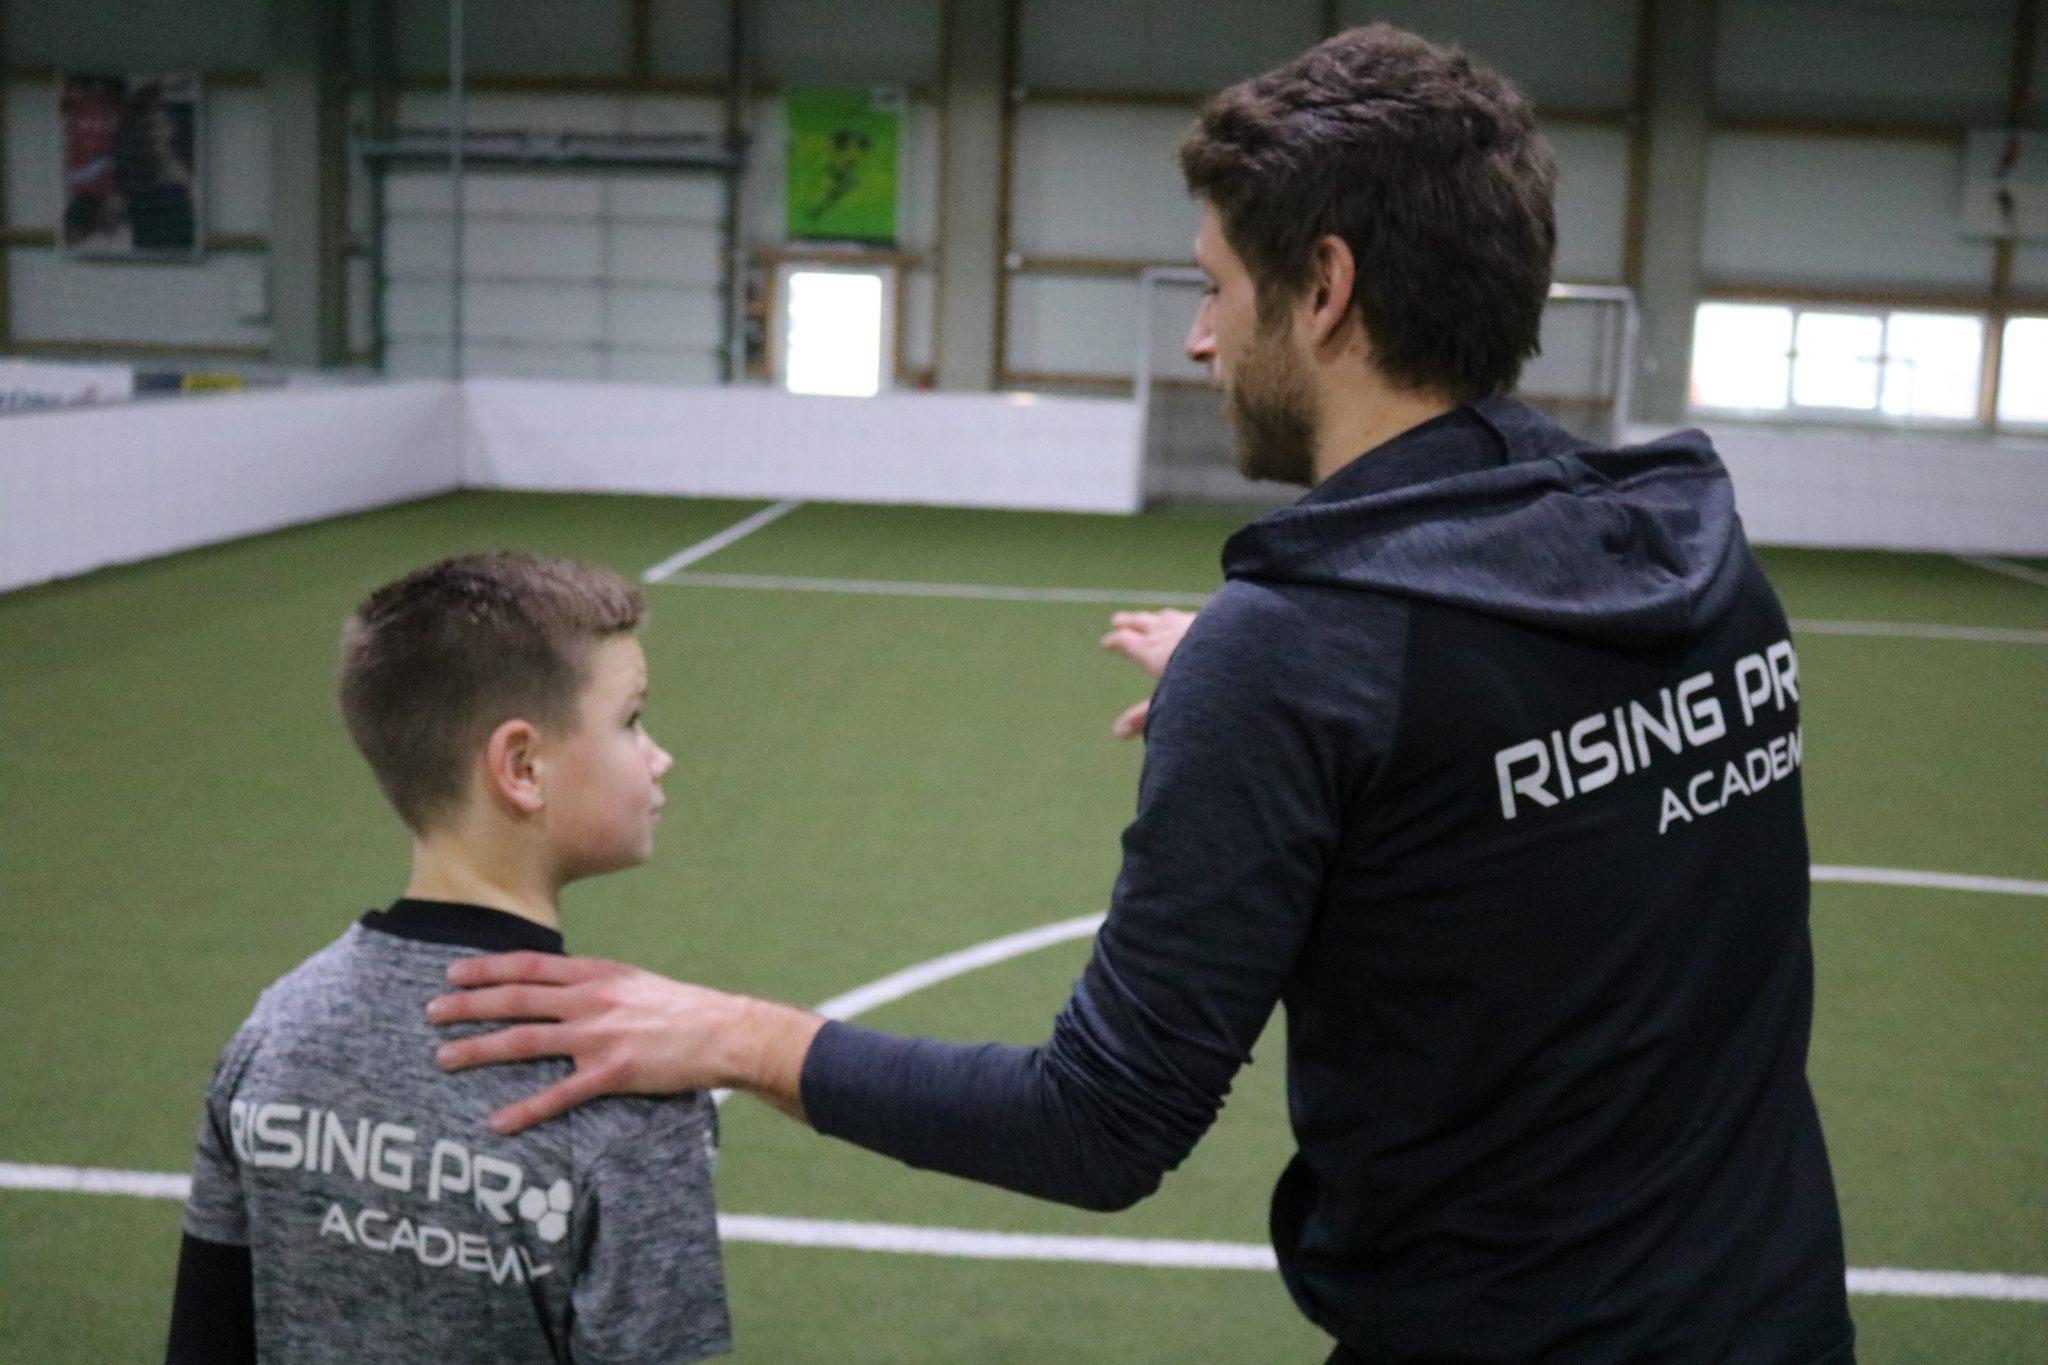 Fußball Mentaltraining Ulm, Rising Pro, Simon Jans